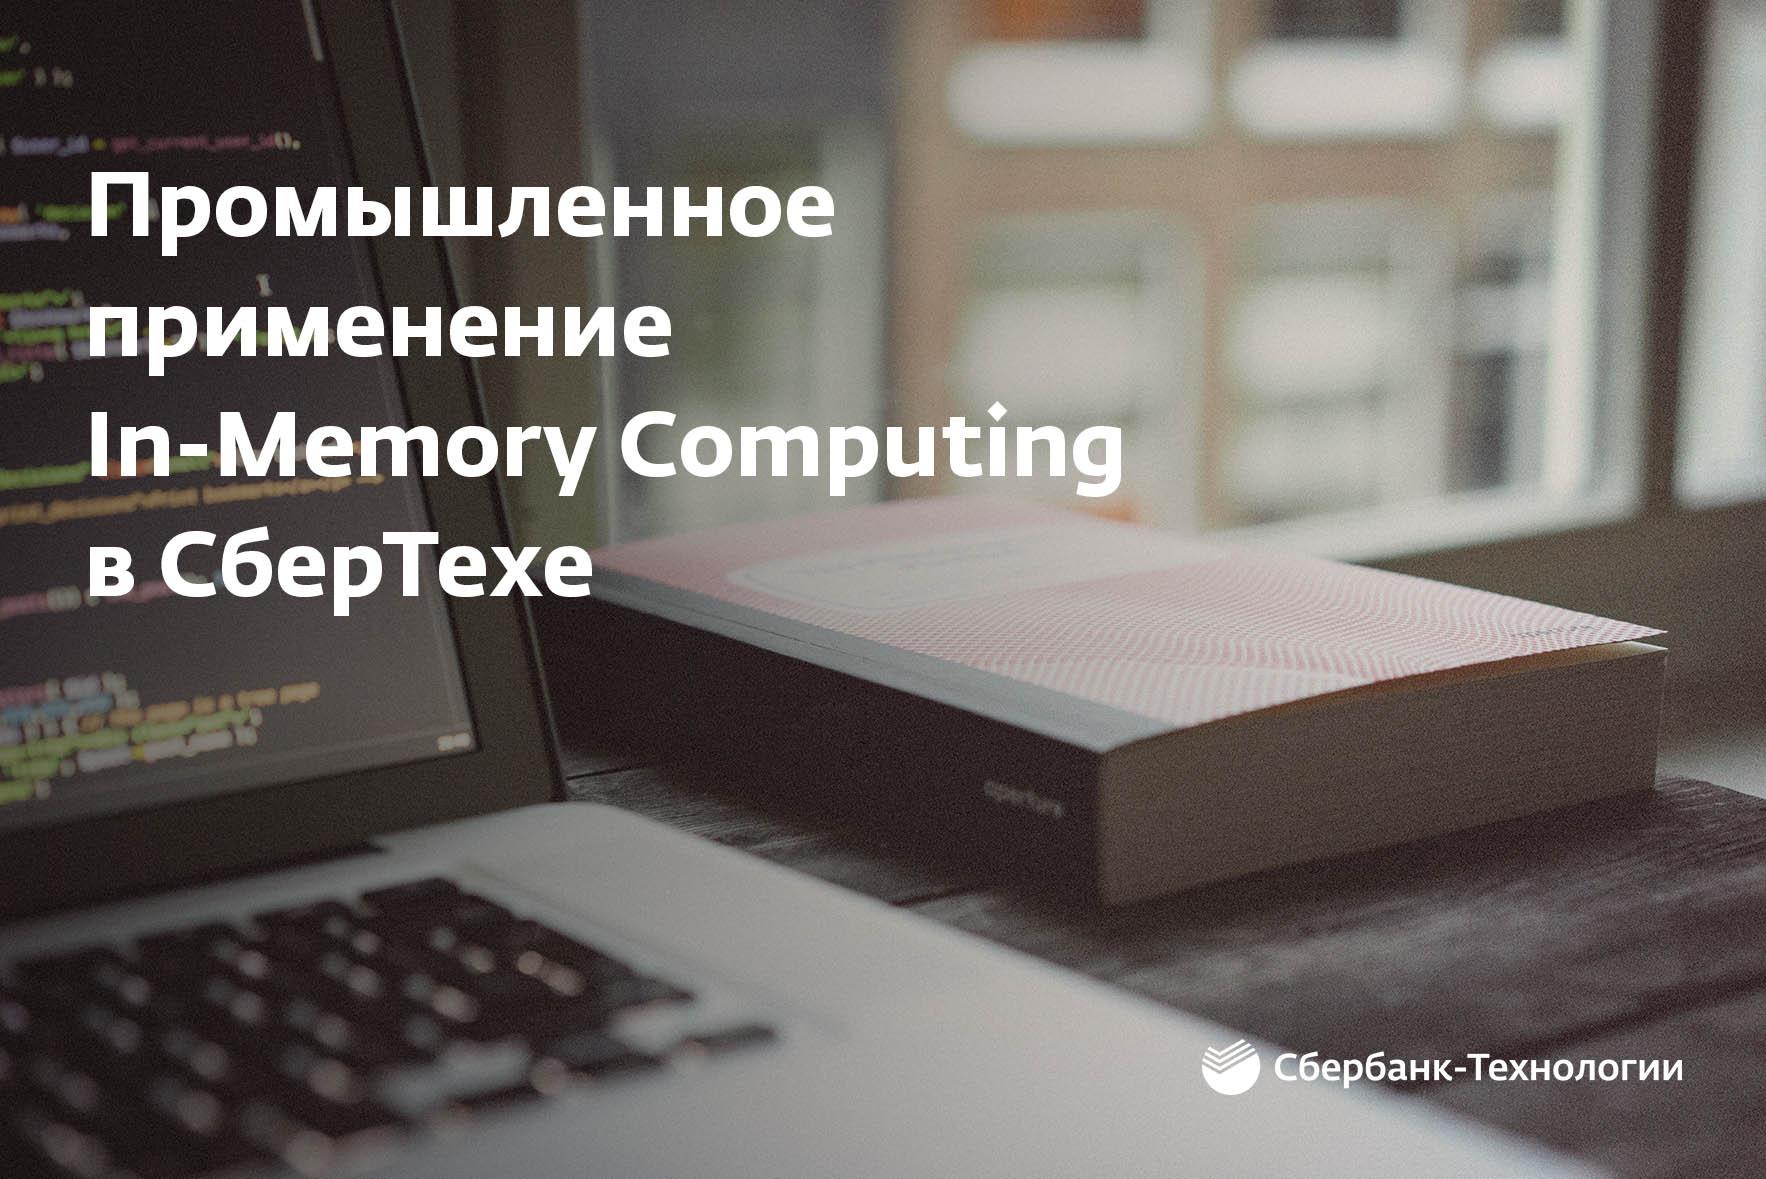 «Один из ежедневных процессов ускоряется с 3 часов до 15 минут»: Андрей Богословских о in-memory computing в СберТехе - 1